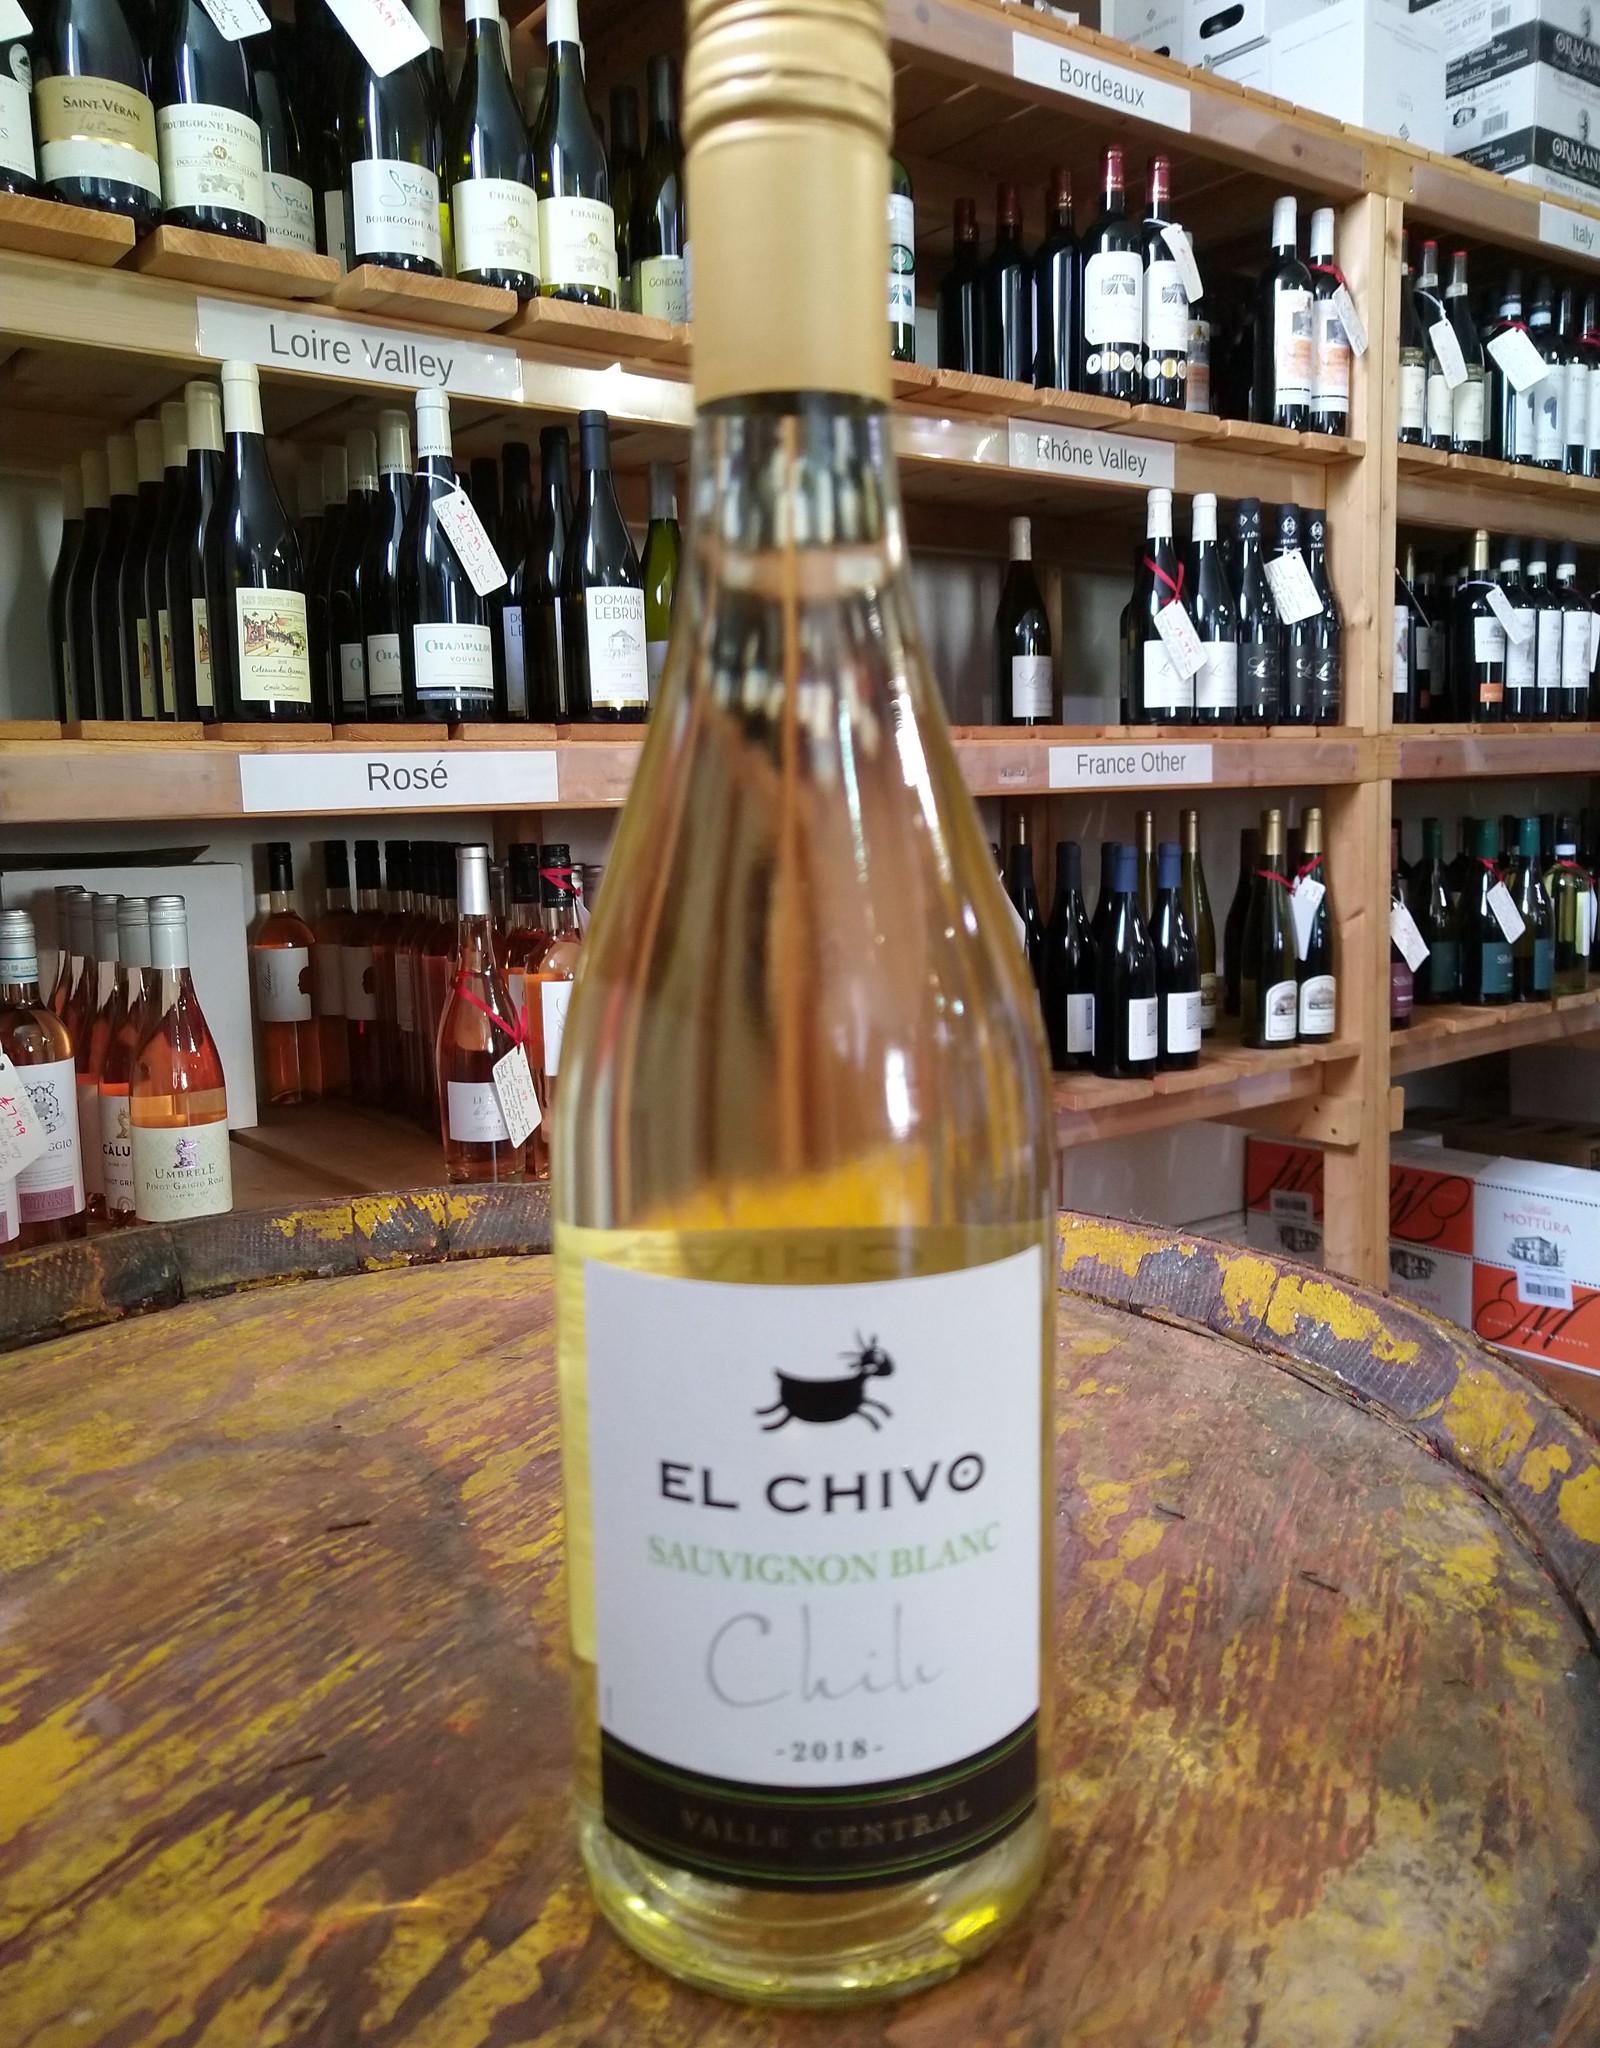 El Chivo Sauvignon Blanc, Chile